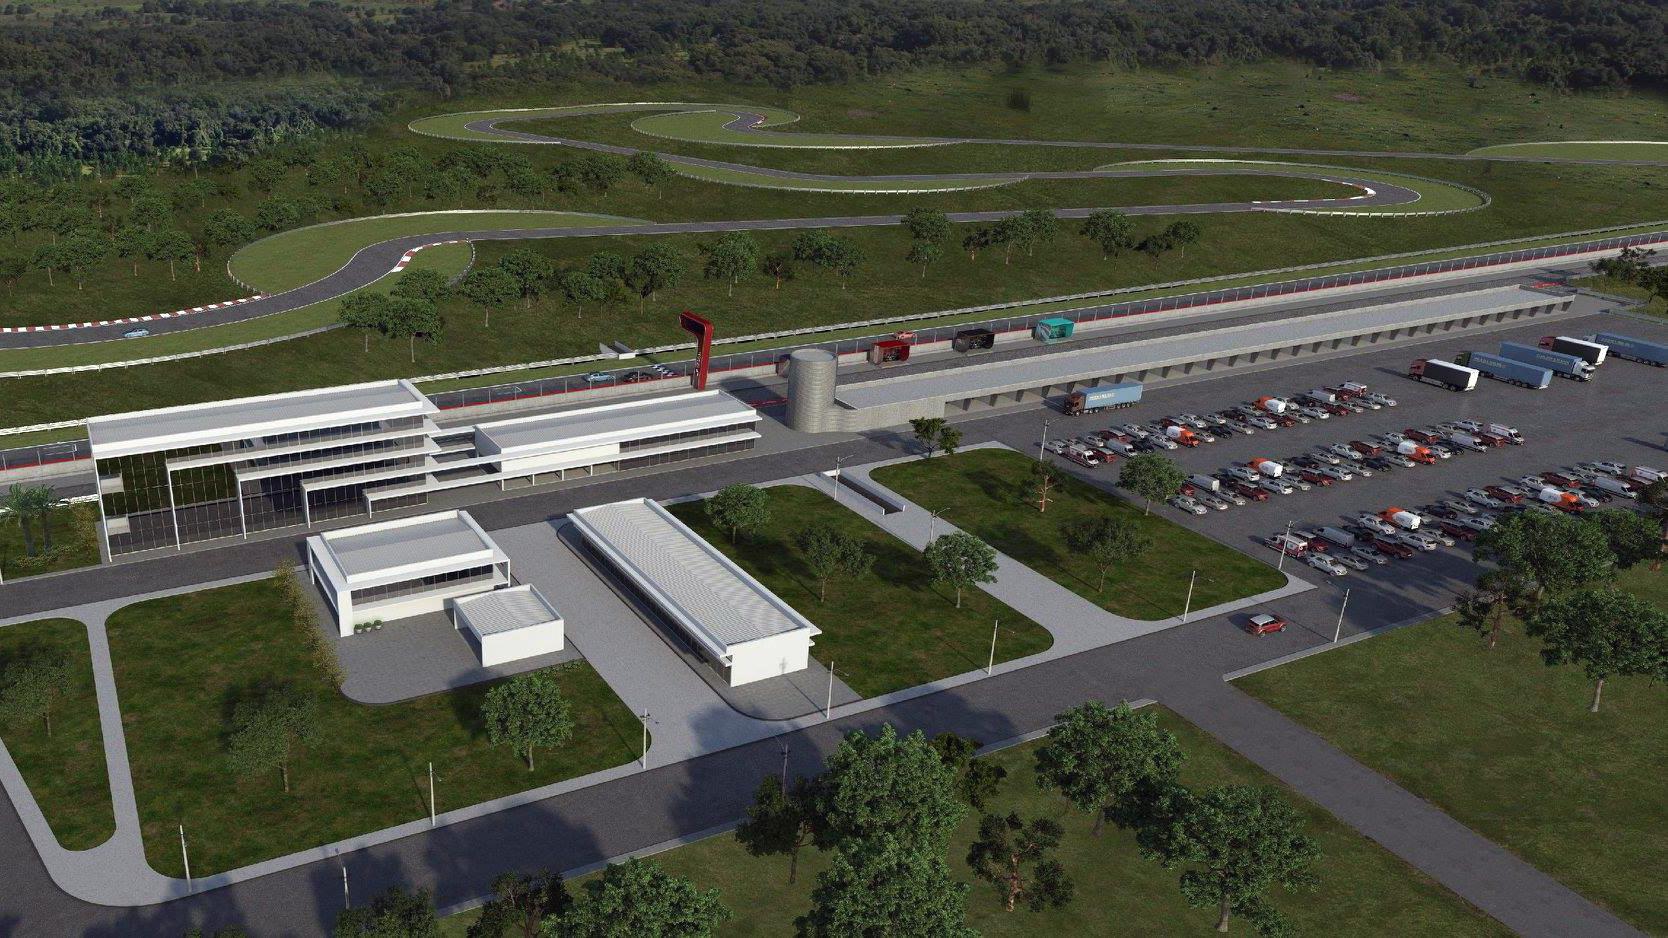 Circuito De Cristais : Morando no autódromo circuito dos cristais promete ser o primeiro